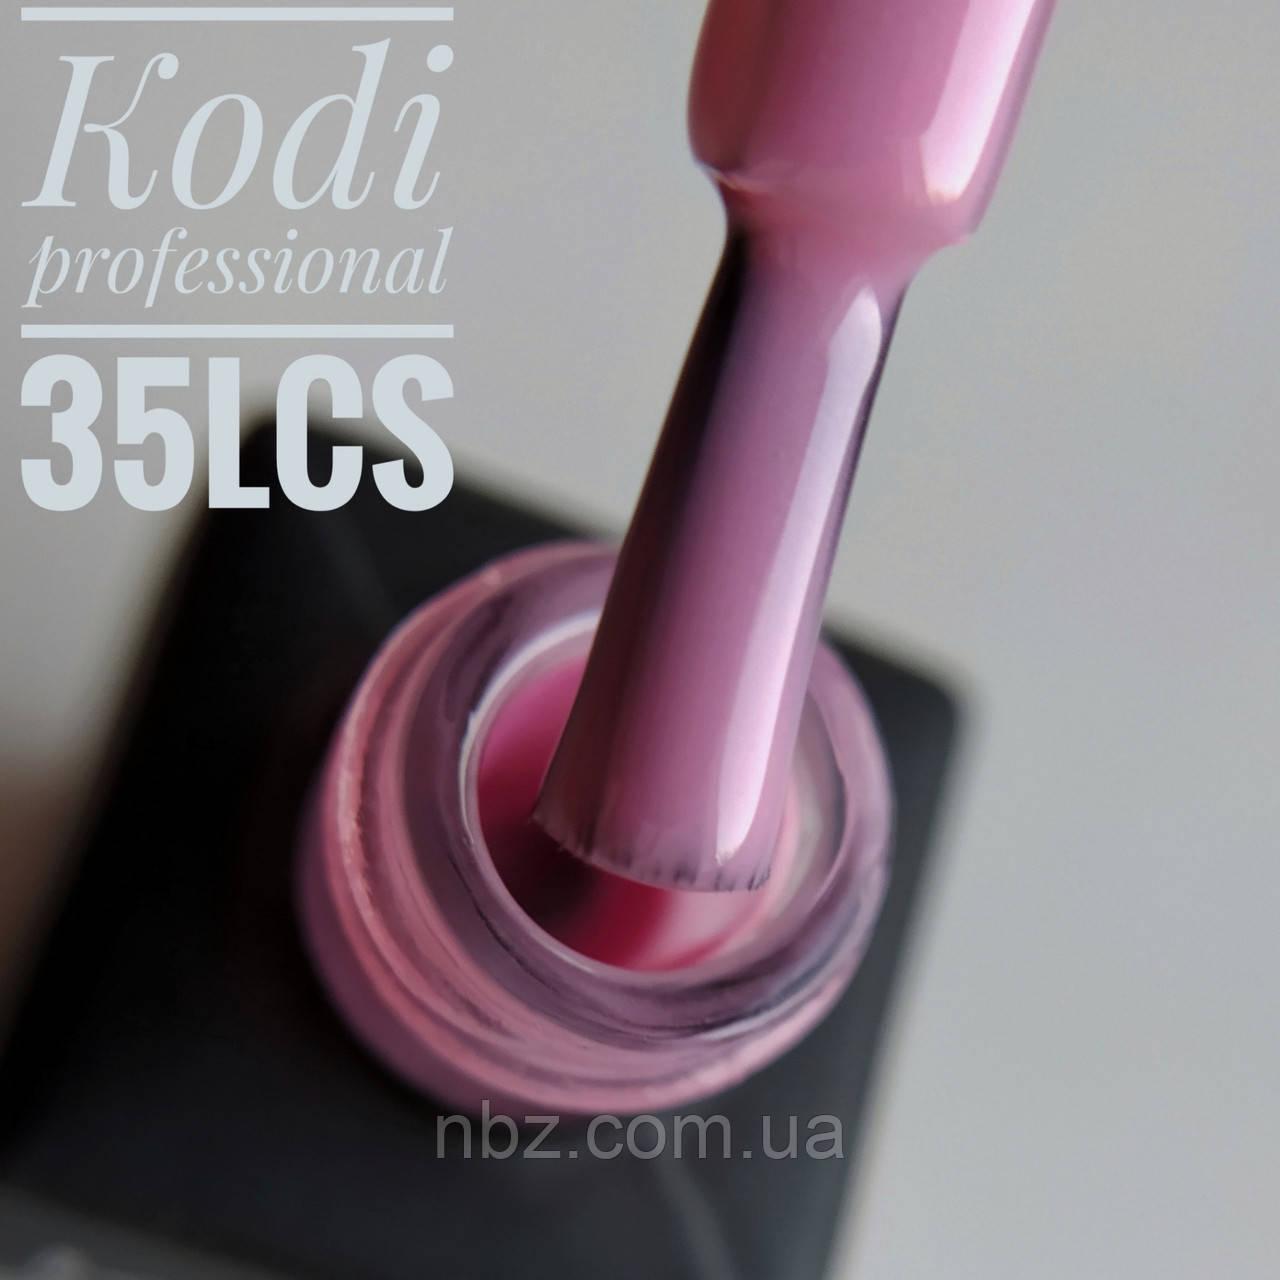 8ml. Гель лаки Kodi professional Серія LCS 35